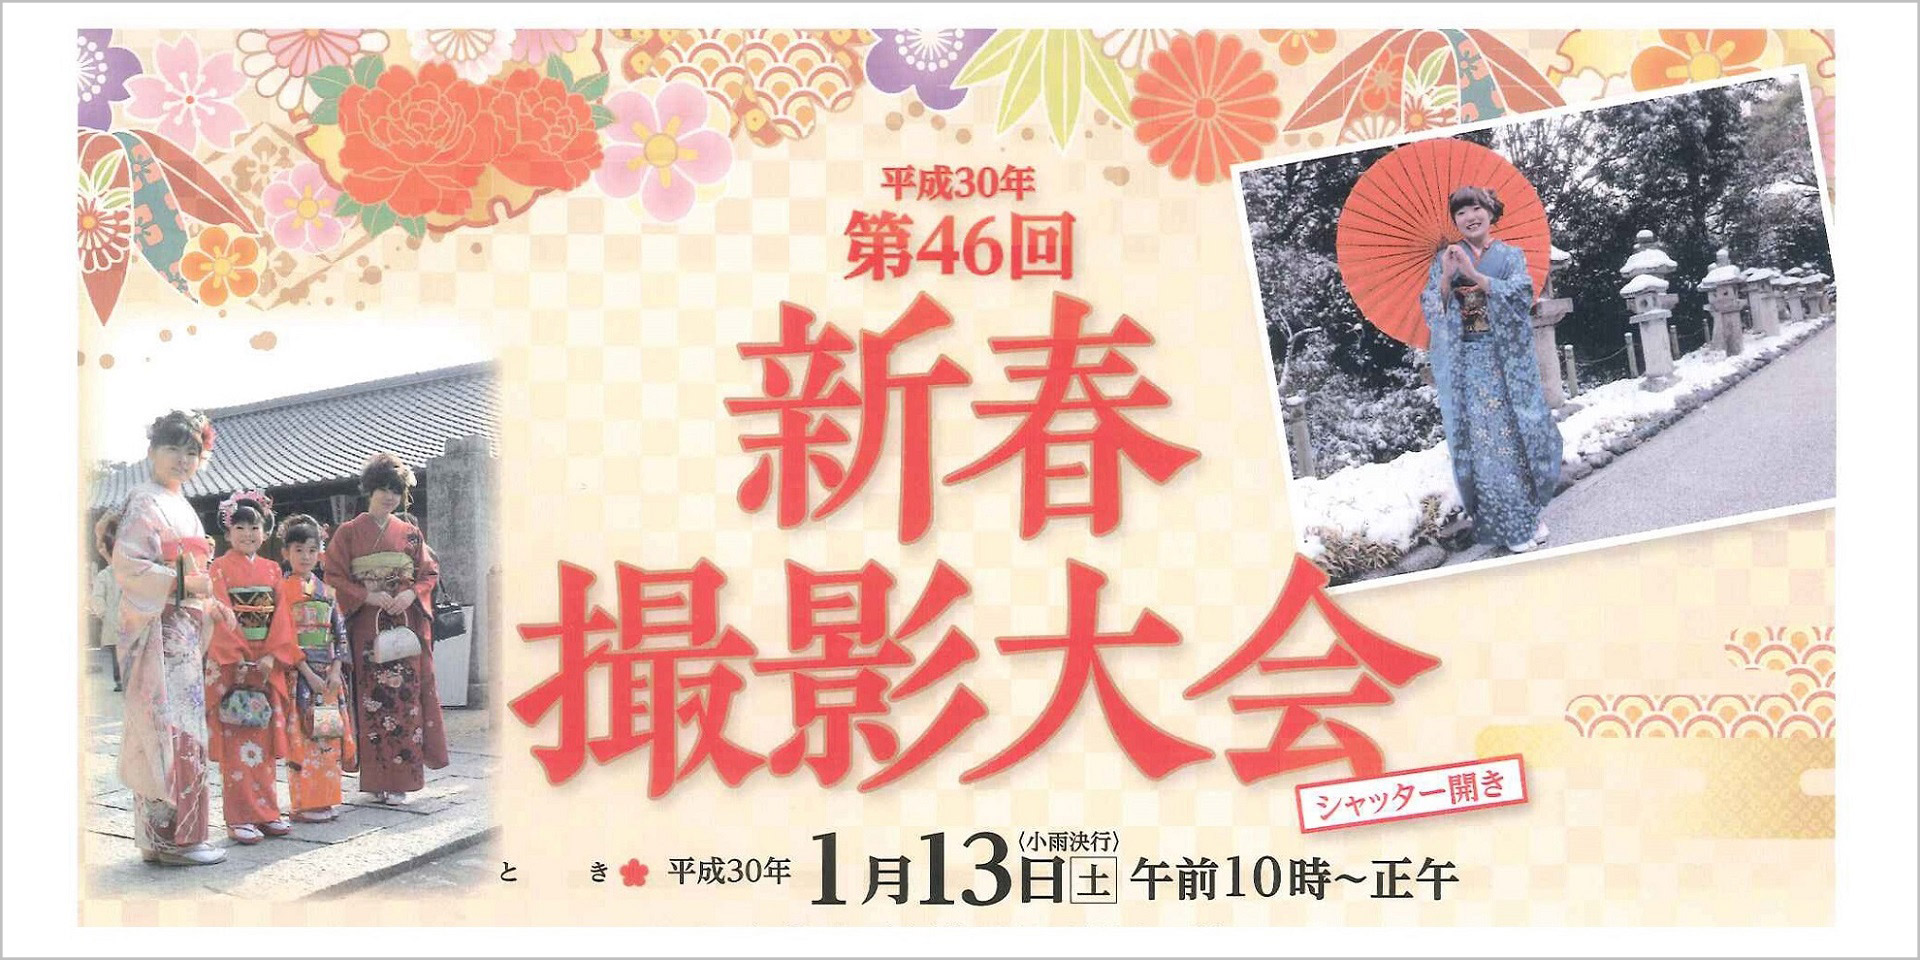 新春撮影大会